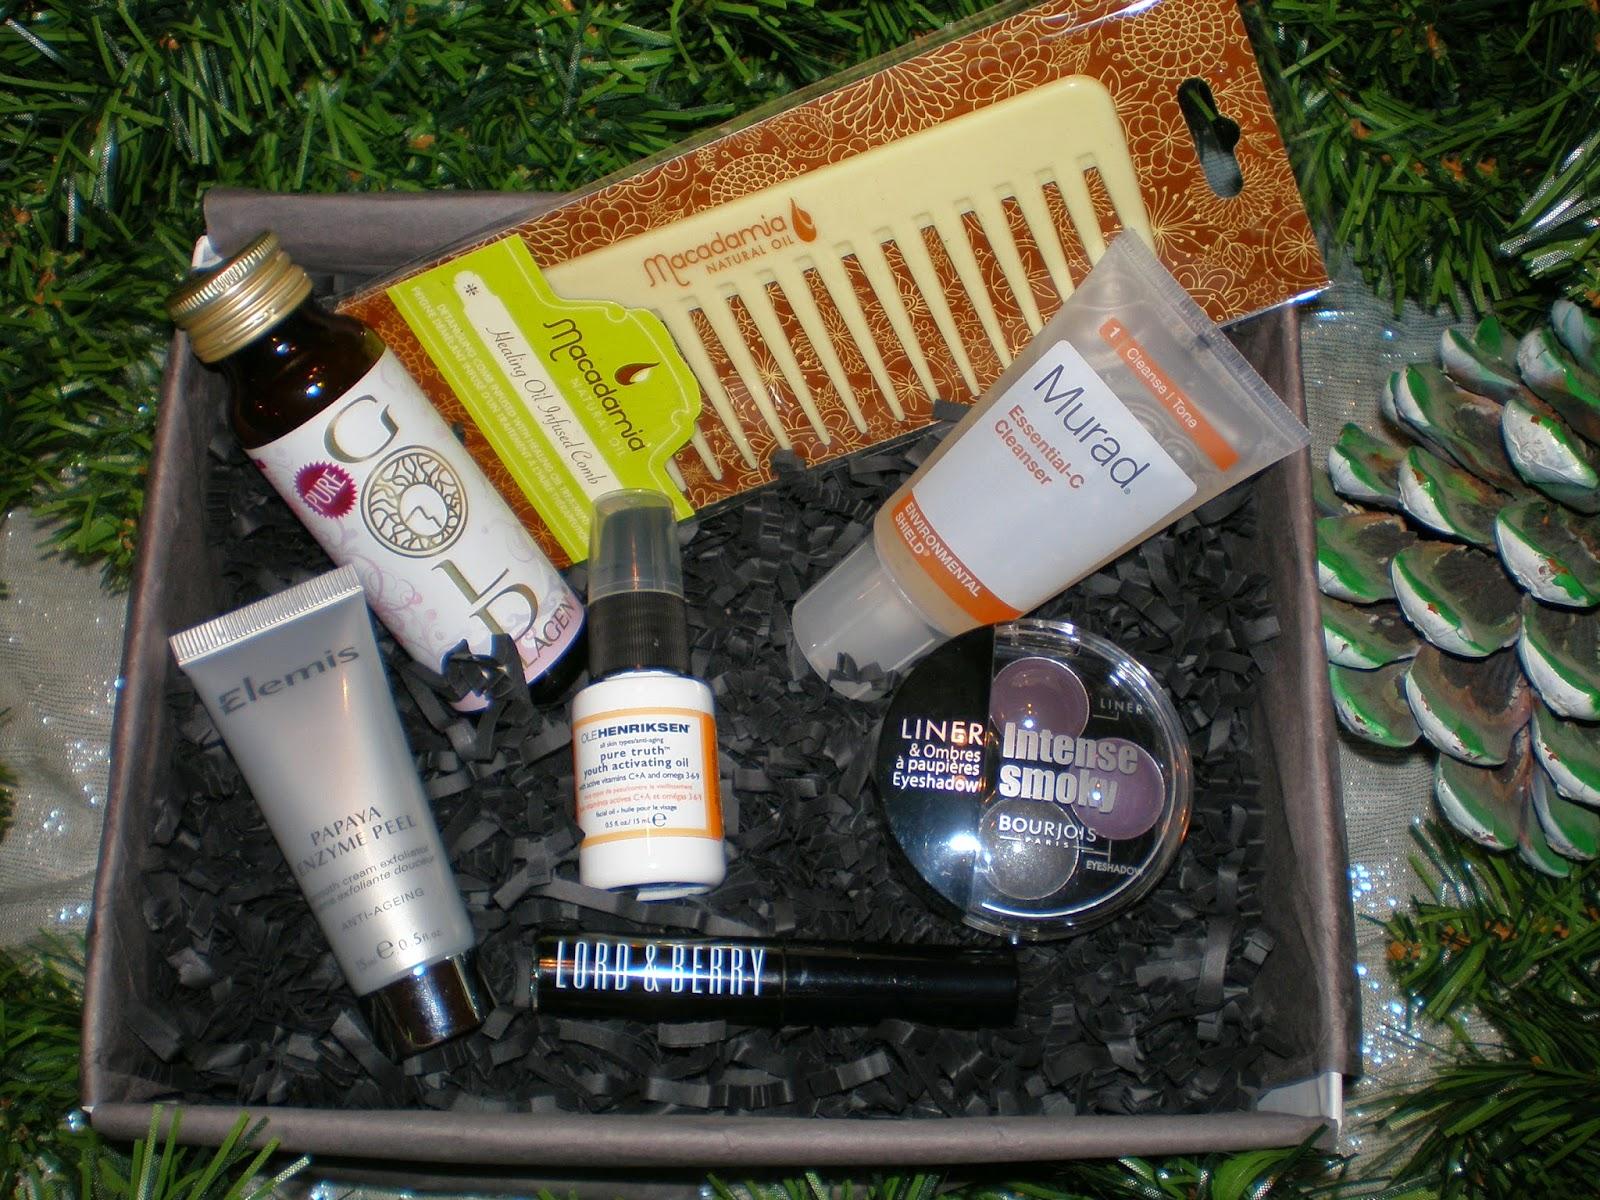 Unboxing Lookfantastic December box